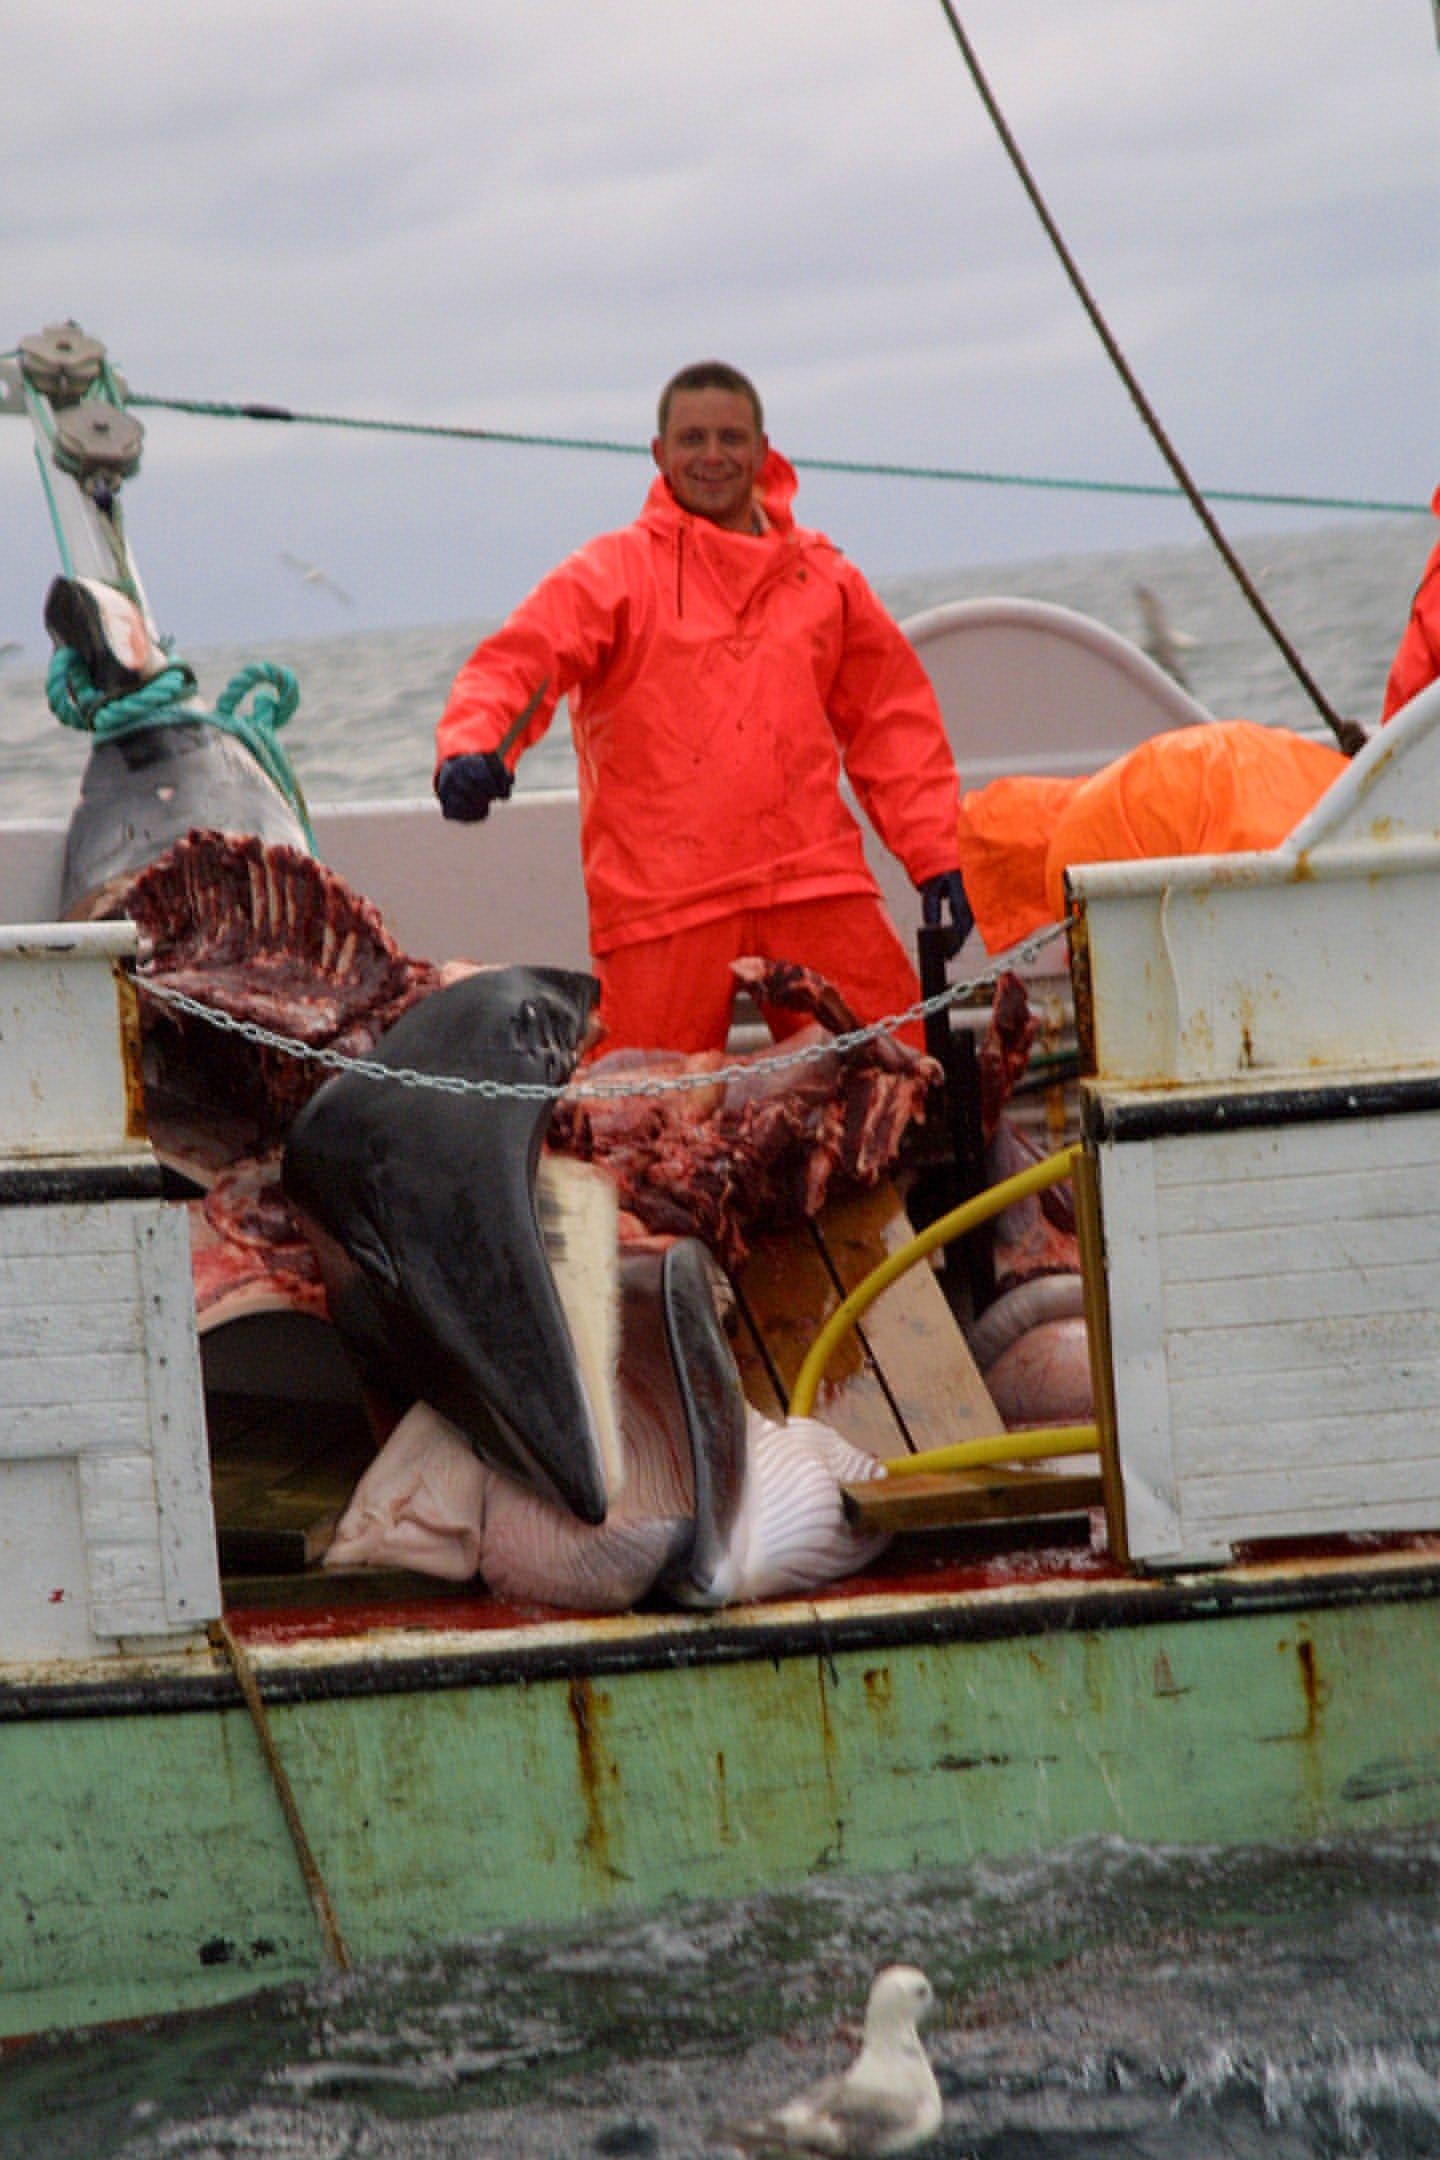 Isländischer Walfänger mit zerlegtem Zwergwal